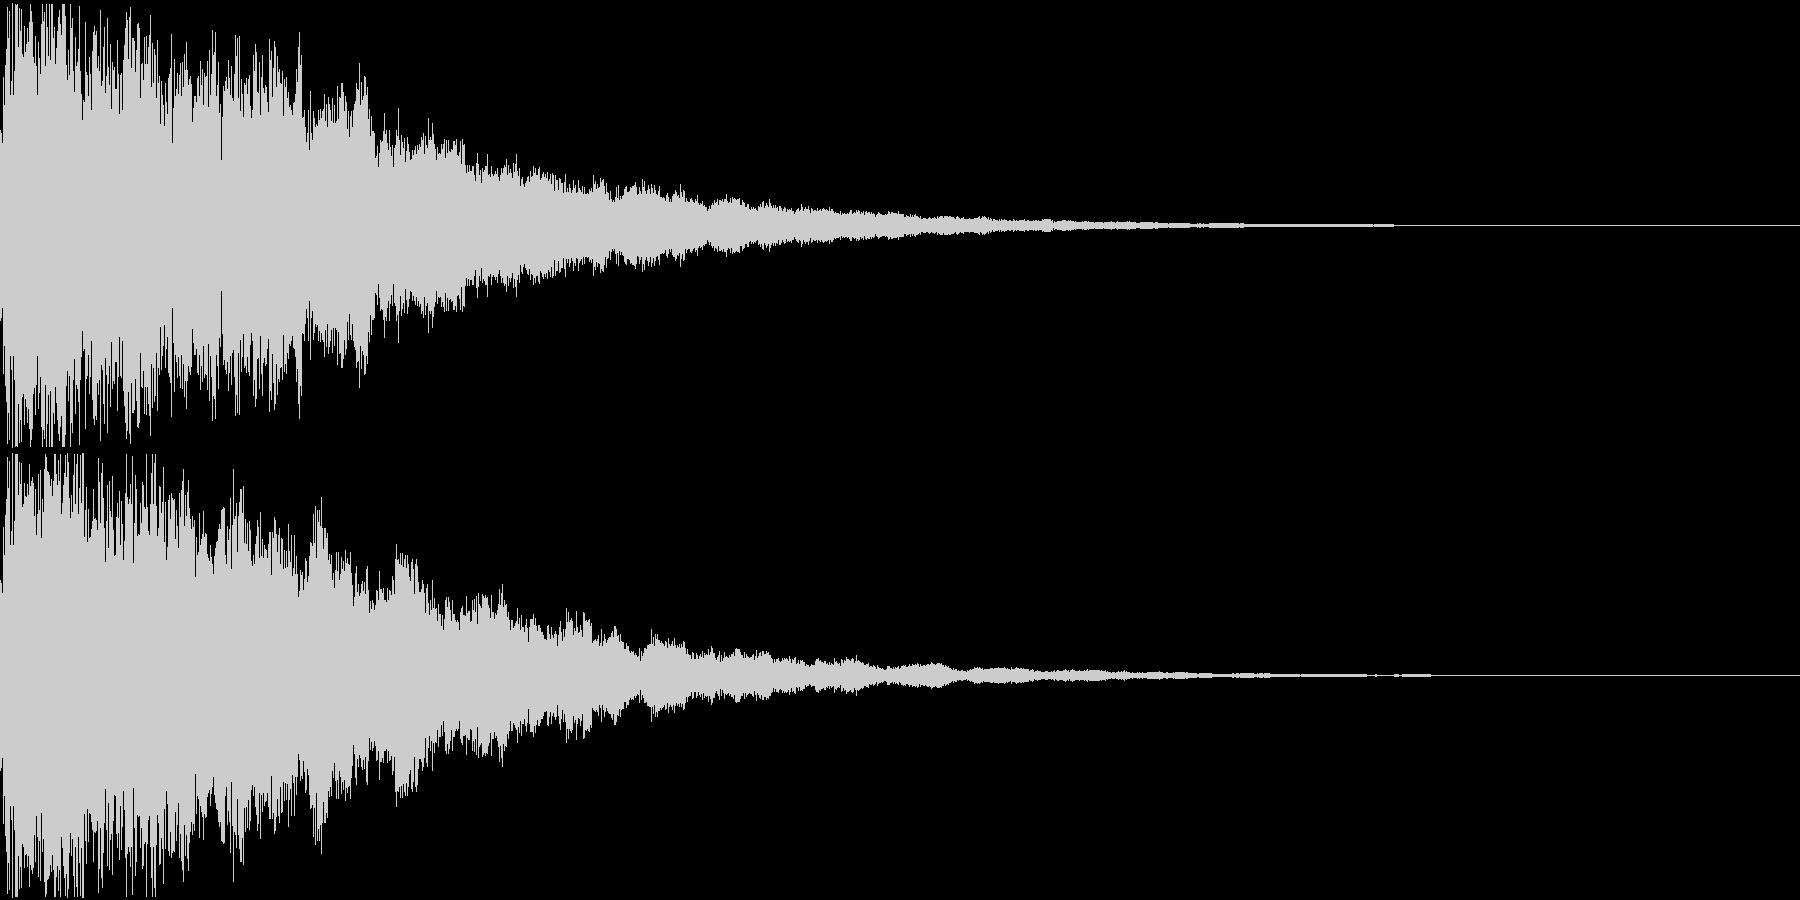 キュイン ギュイーン シャキーン 02の未再生の波形